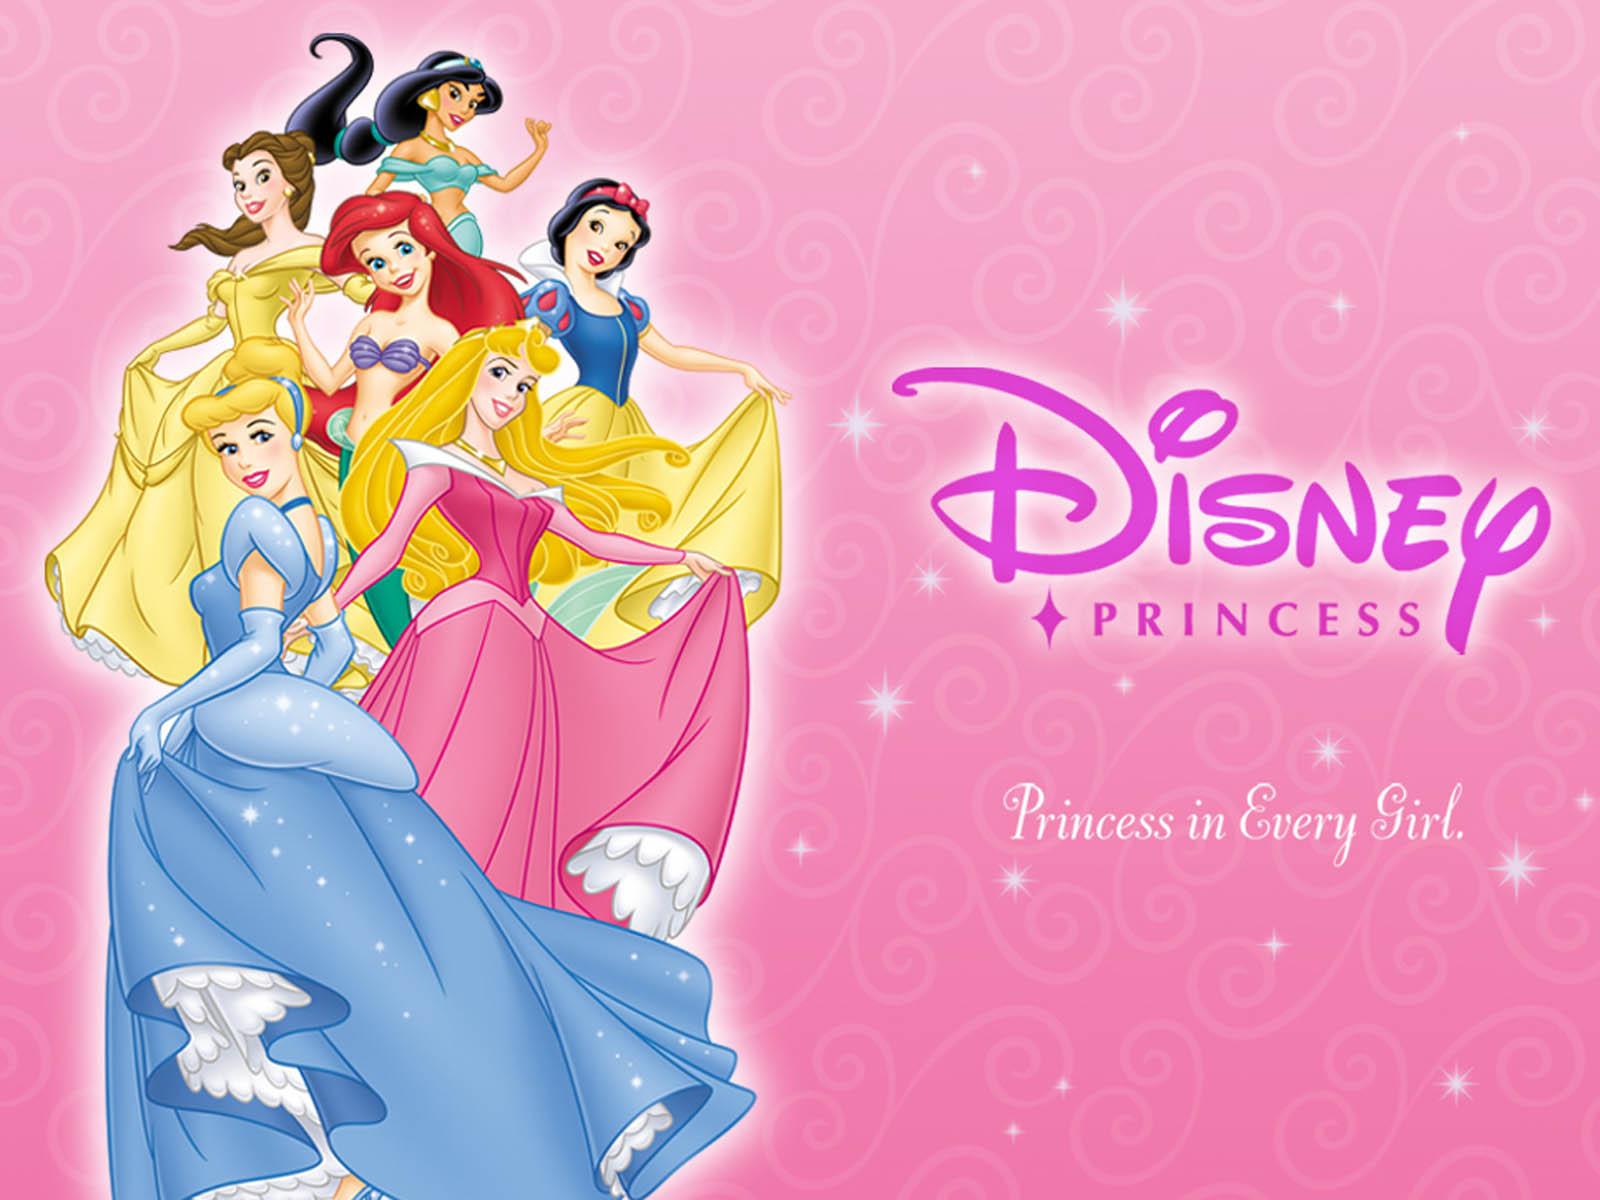 4dac5ef82d Disney Princess Wallpapers 05 Disney Princess Wallpapers